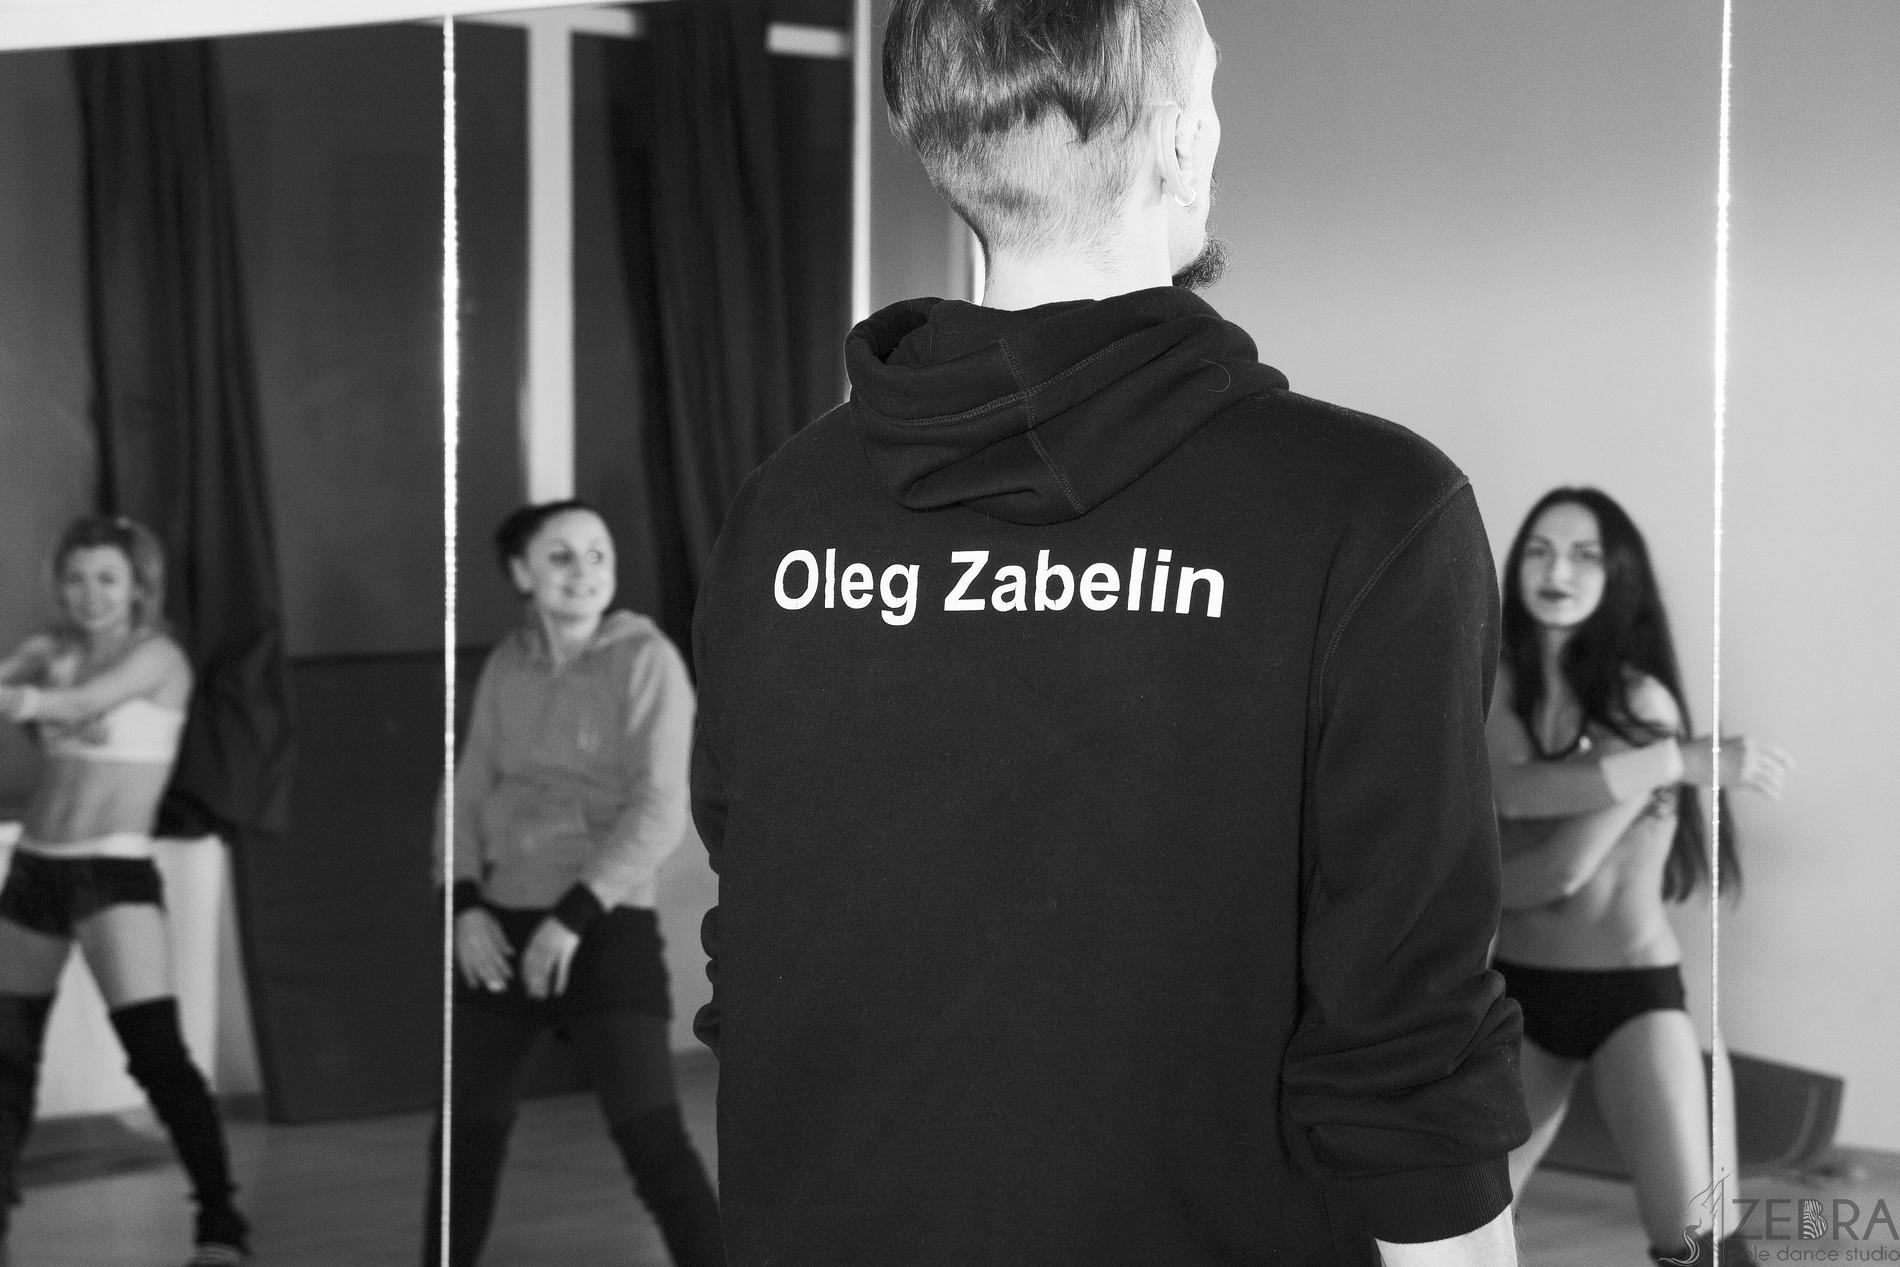 ZEBRA_MK_Oleg&Radmila27